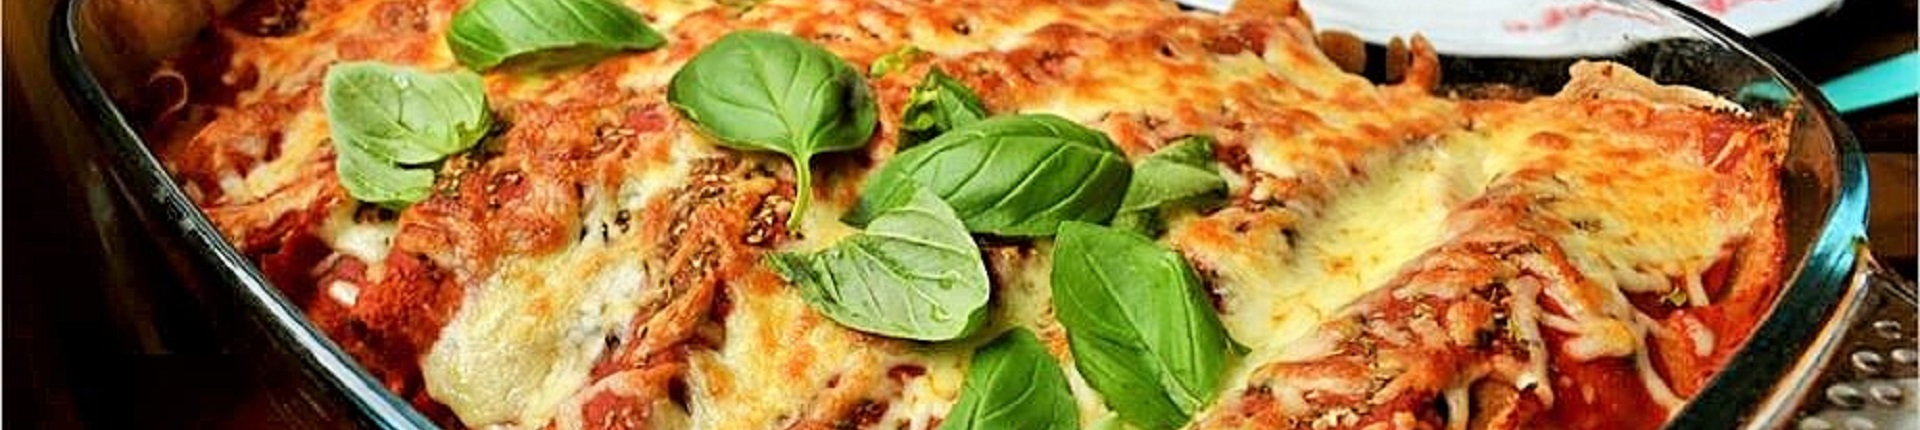 Naleśniki z indykiem zapiekane z pomidorami i mozzarellą